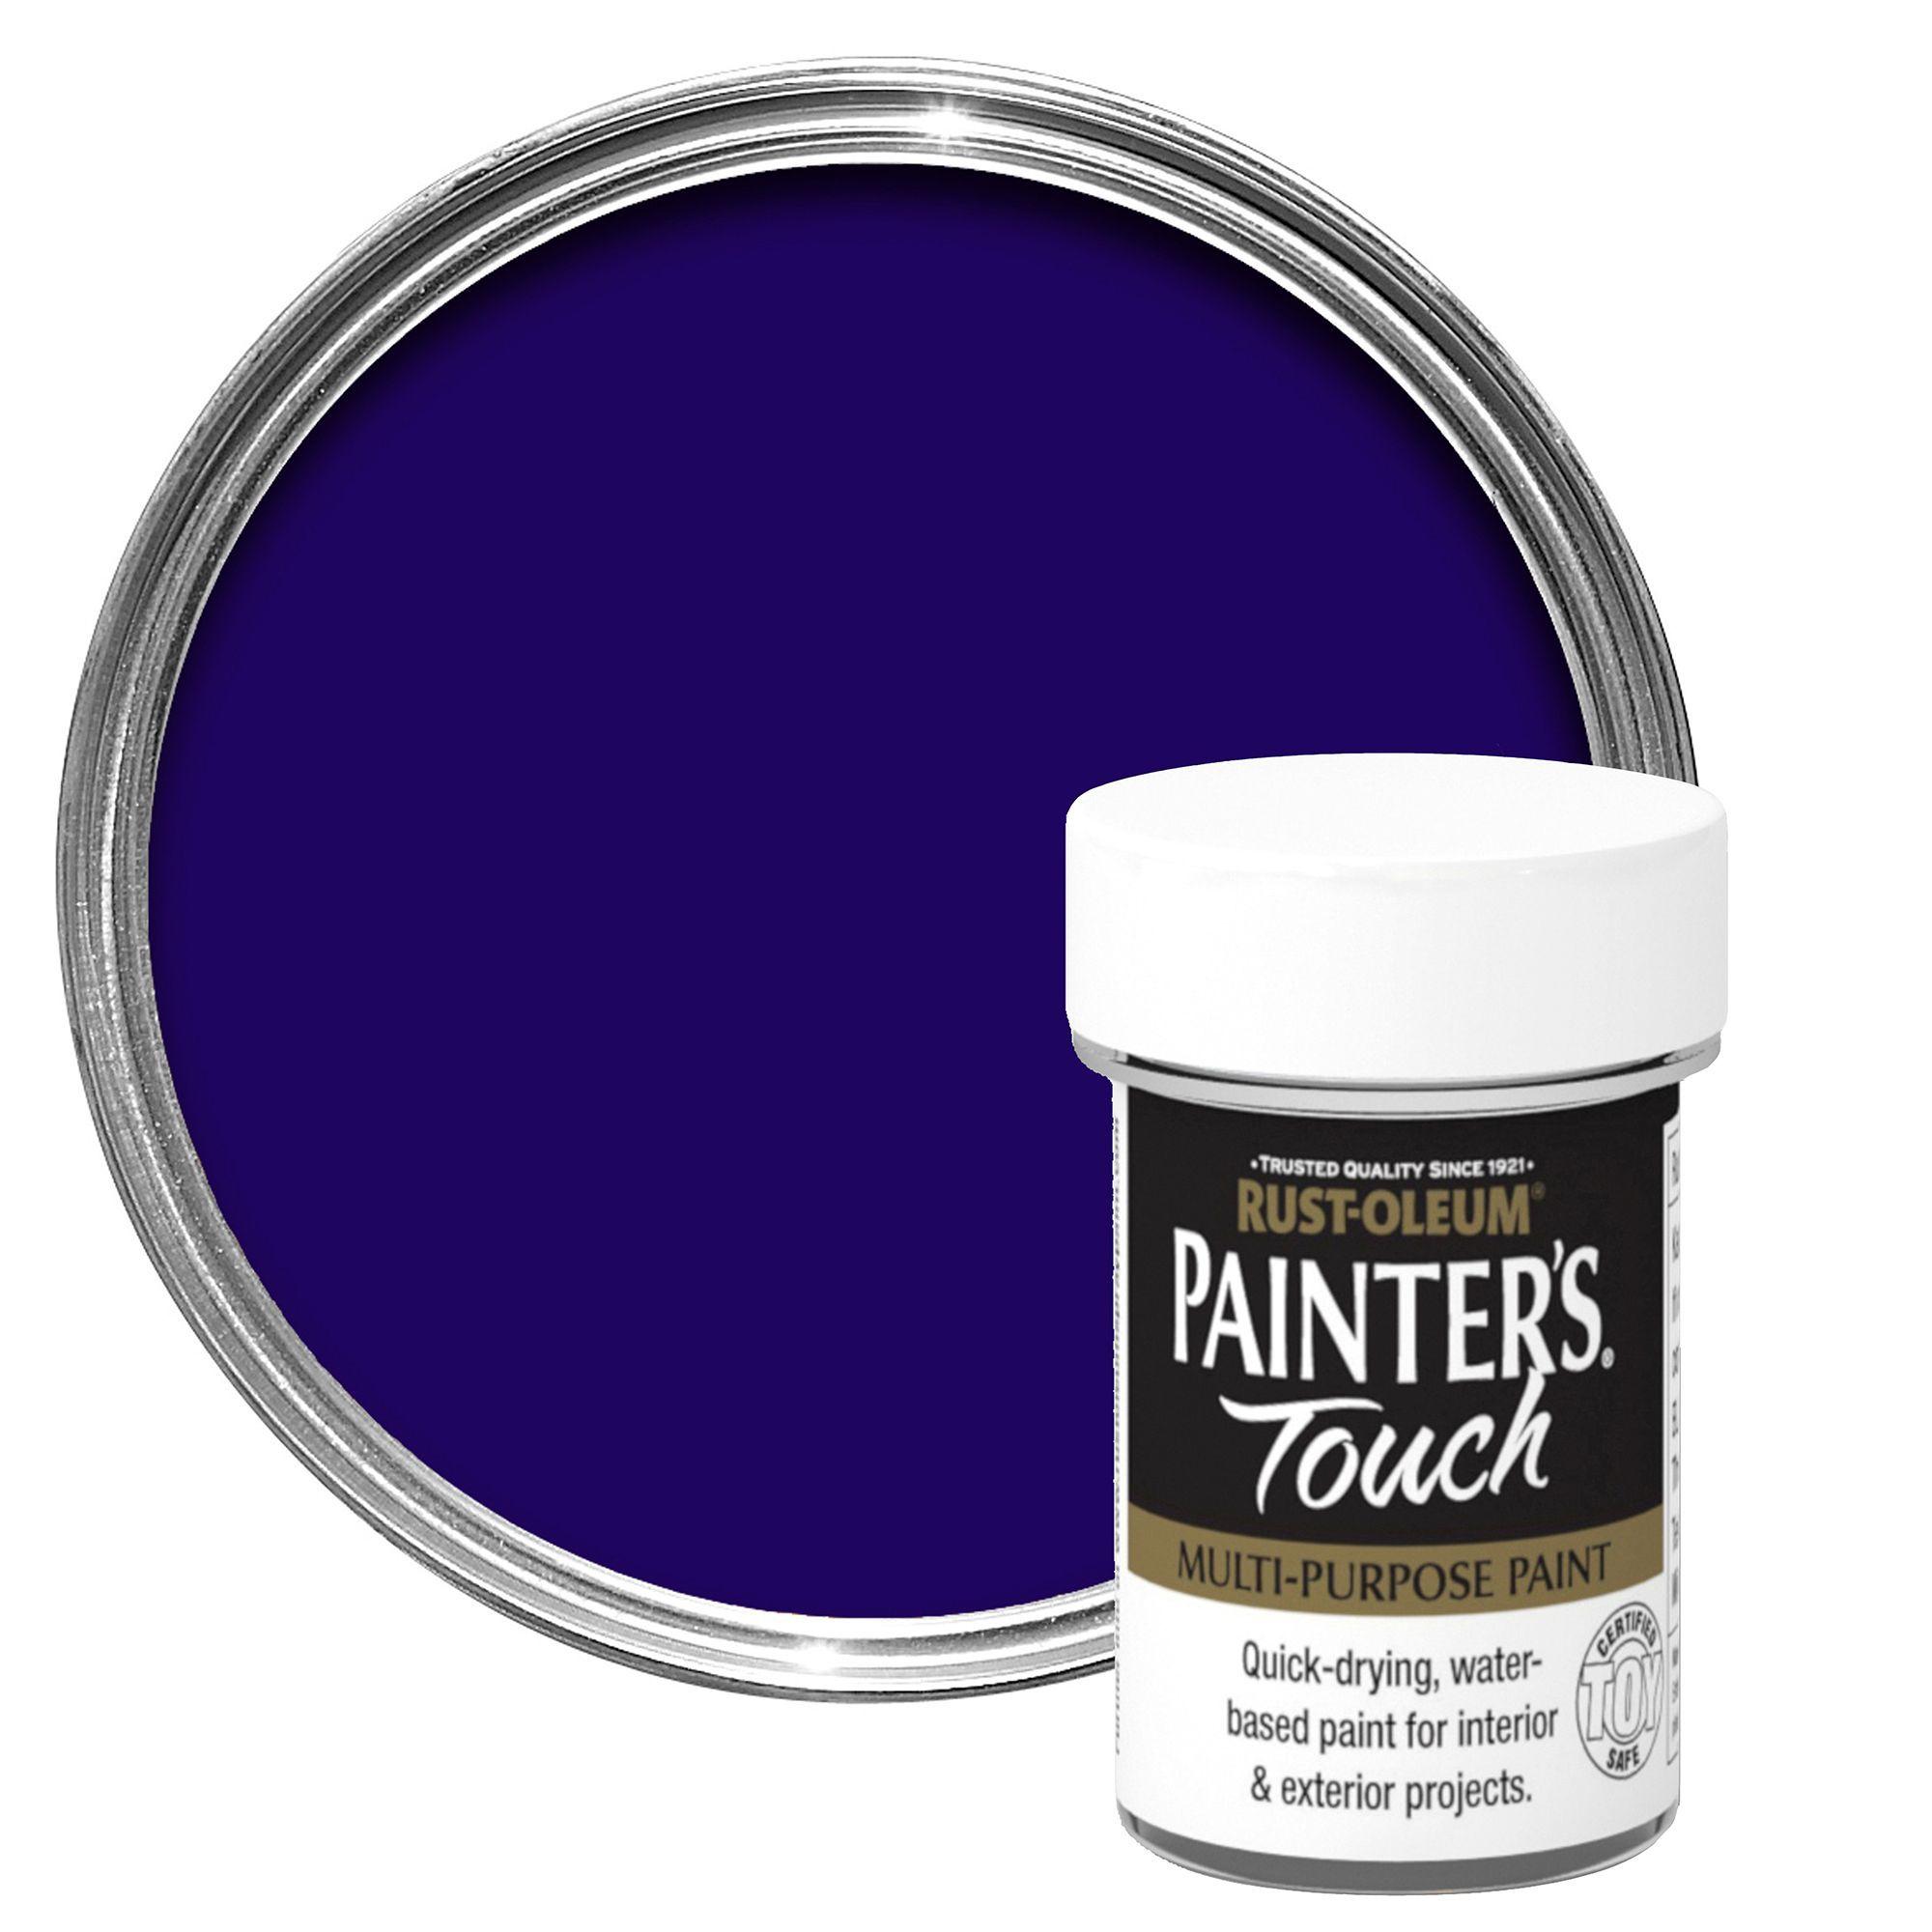 Rust-Oleum Painter's Touch Interior & Exterior Indigo Gloss Multipurpose Paint 20ml